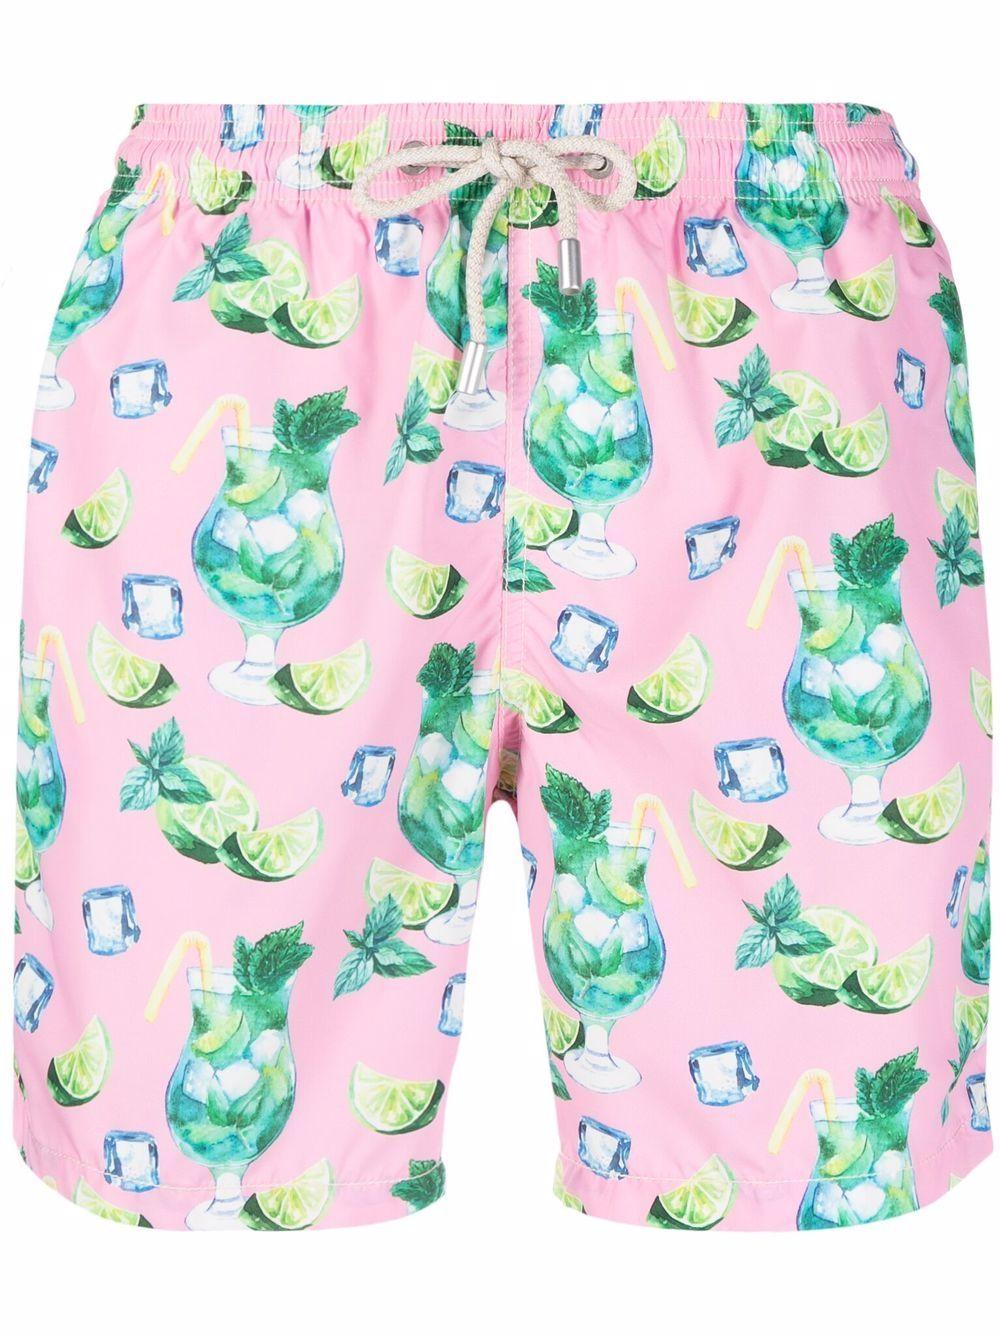 pantaloncini da bagno rosa in poliestere riciclato con stampa mojito MC2 | Costumi | LIGHTING-COOL MOJITO21